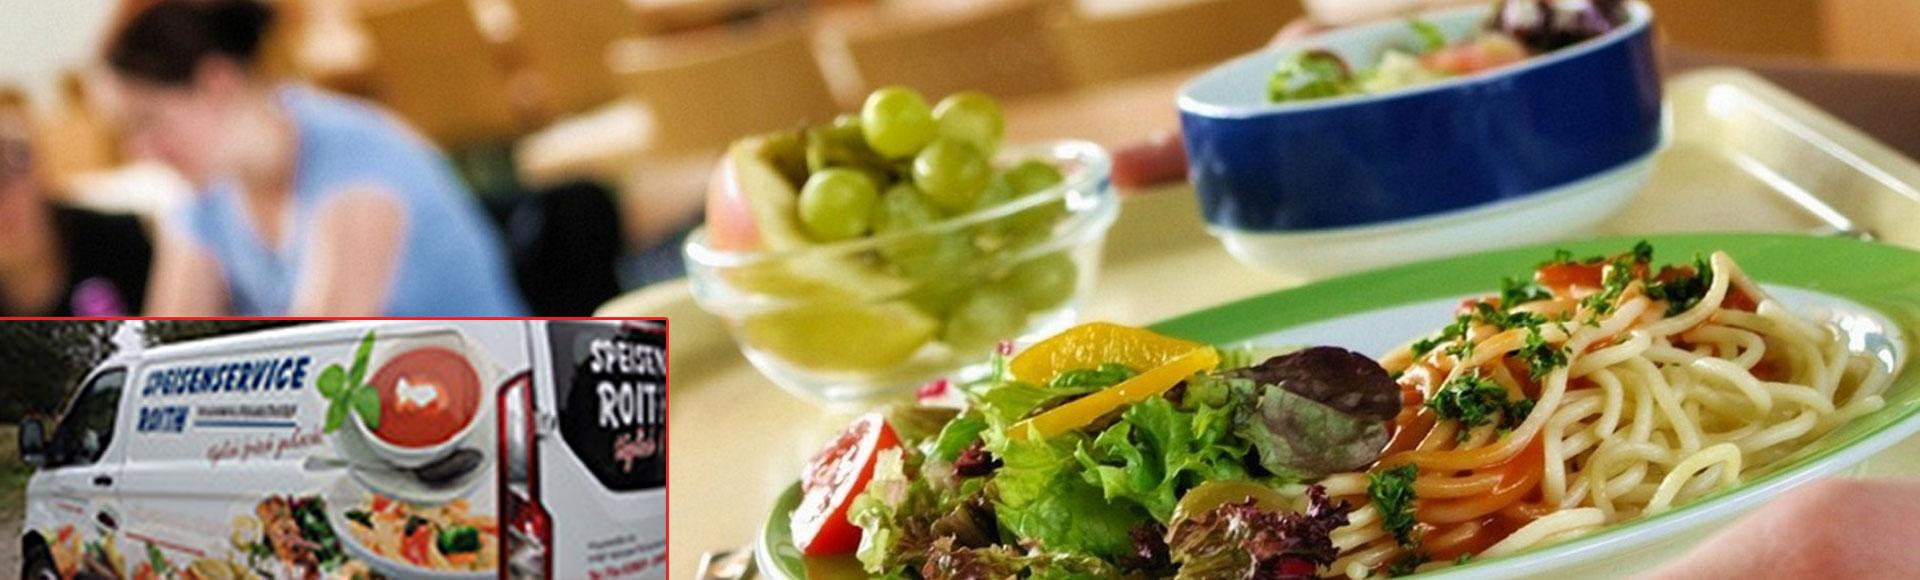 Willkommen bei Speisenservice Roith